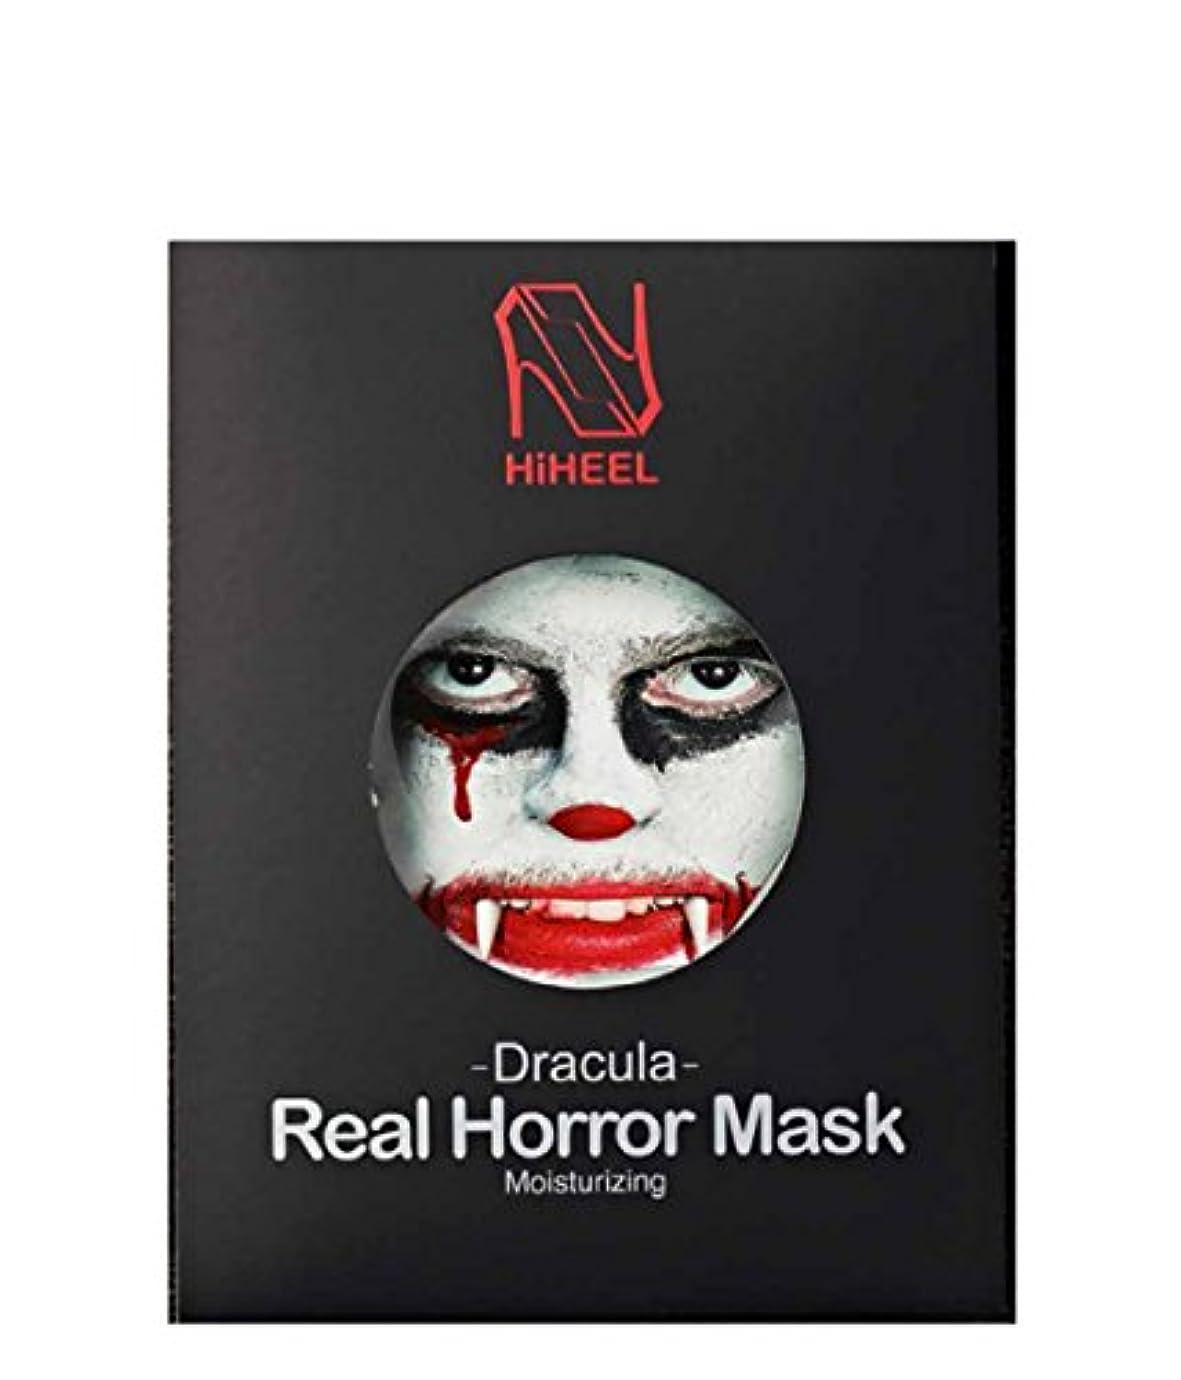 フィードバック薬局ファシズム(ヒヒエル) HiHEEL Dracula Real Horror Mask Moisturizing 10 Sheets ドラキュラリアルホラーマスクモイスチャライジング CH1278870 [並行輸入品]